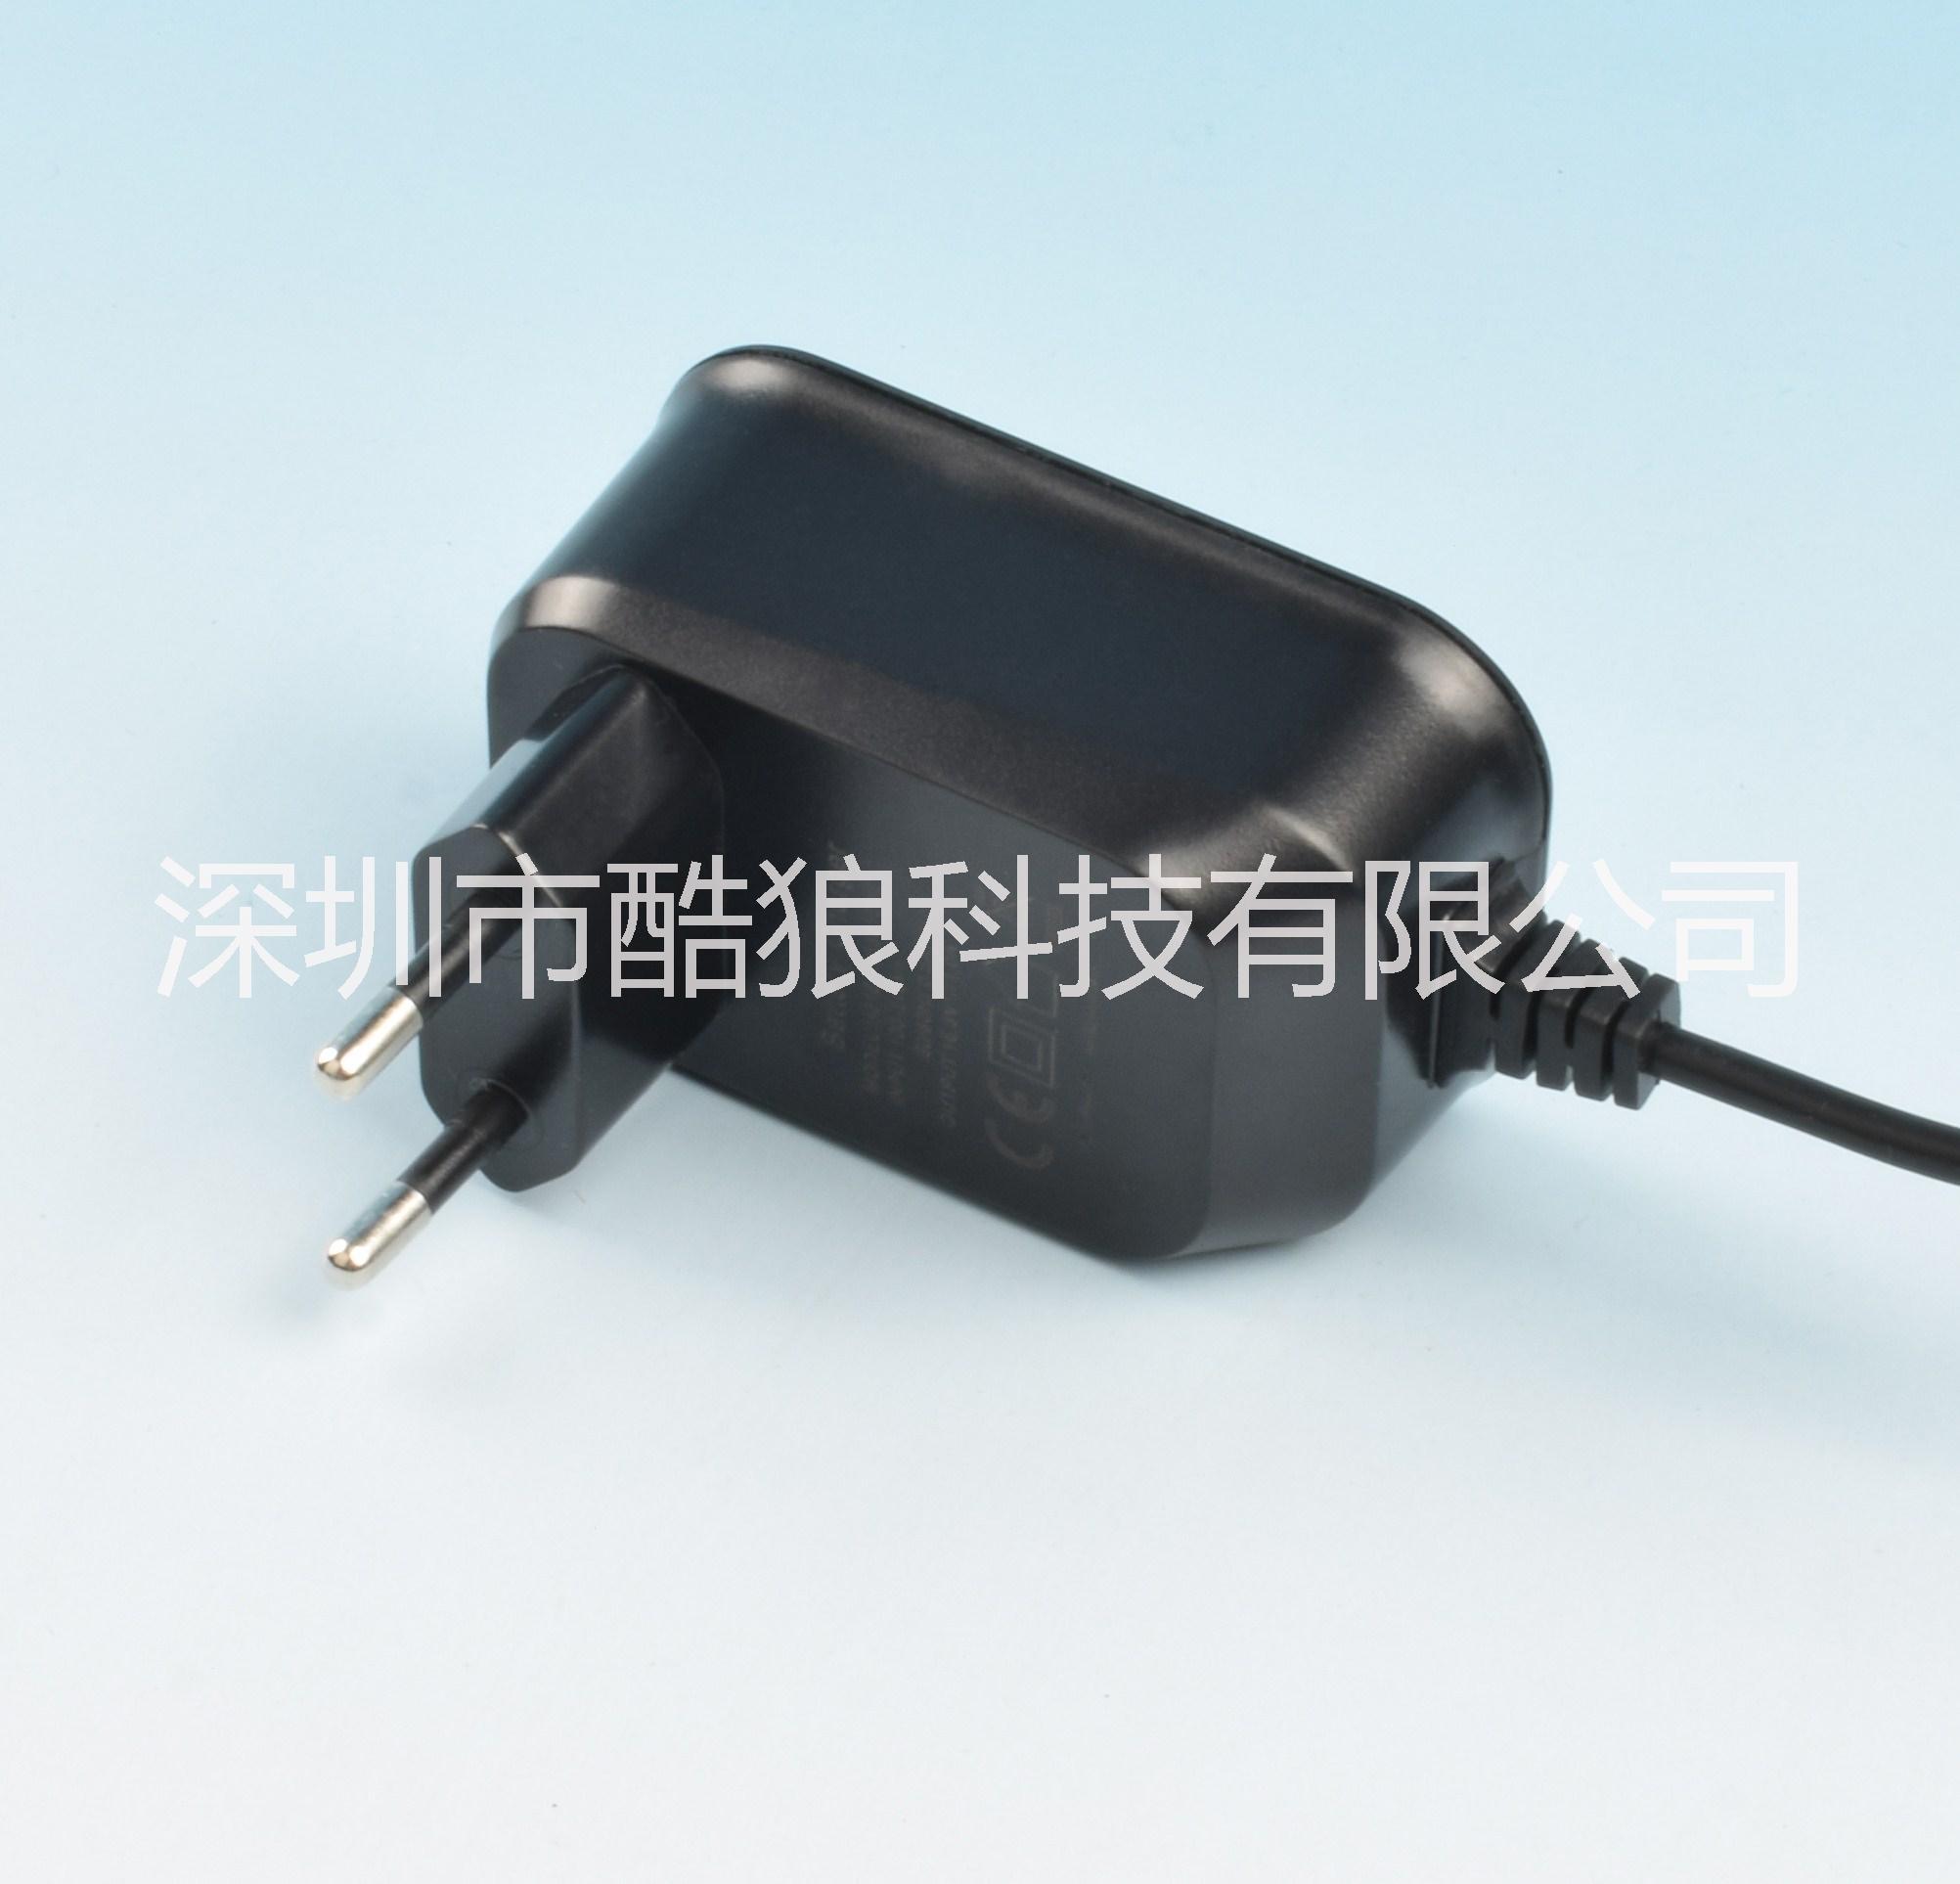 16.8V1A 欧规电池充电器恒流转灯电池充电器 18650电池充电器 聚合物电池充电器 锂离子电池充电器厂家